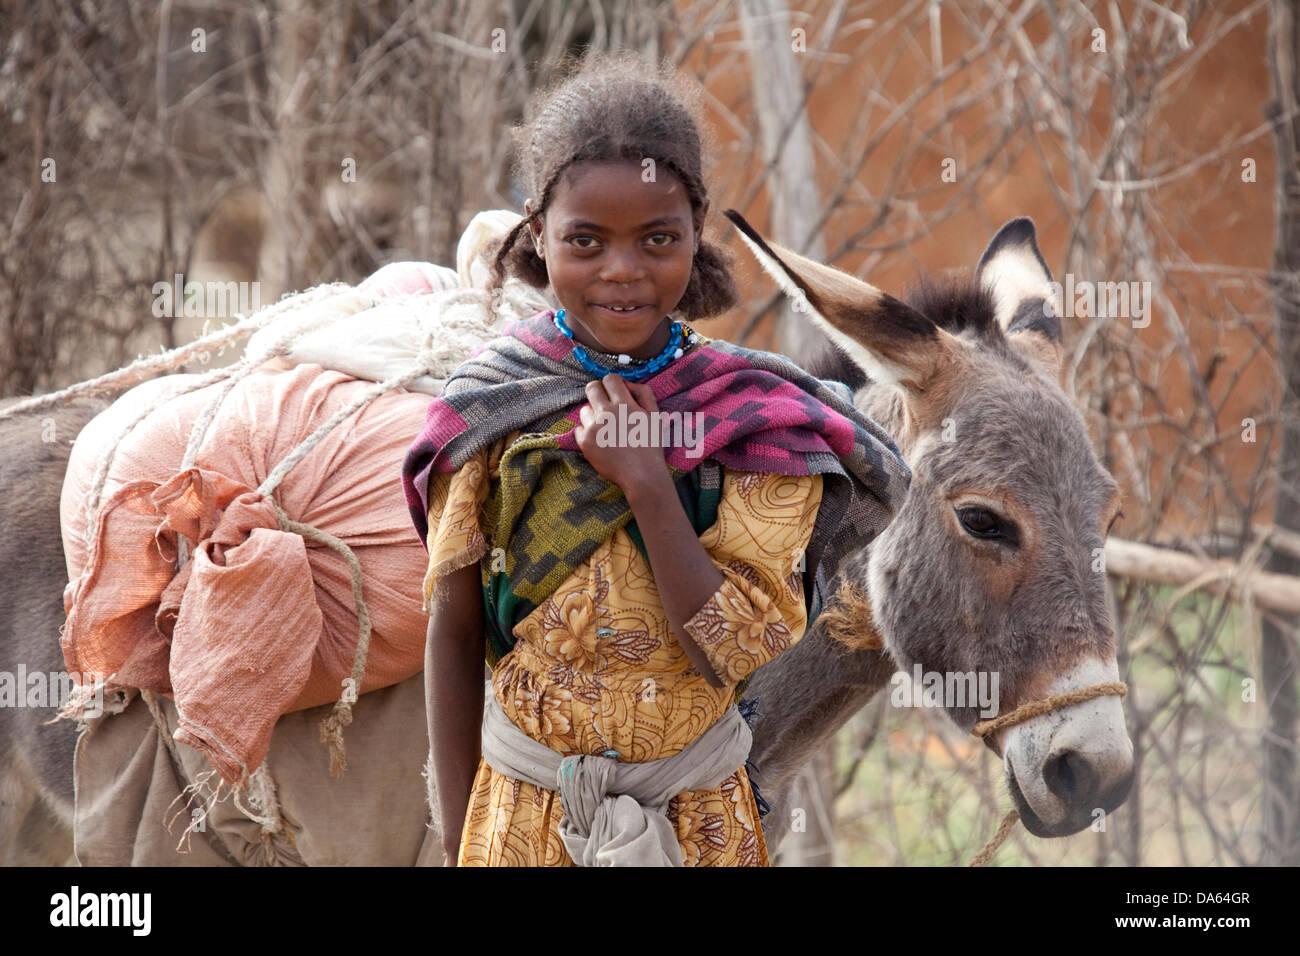 Menschen, Oromo, Äthiopien, Stamm, Afrika, Trinkwasser, Stockbild